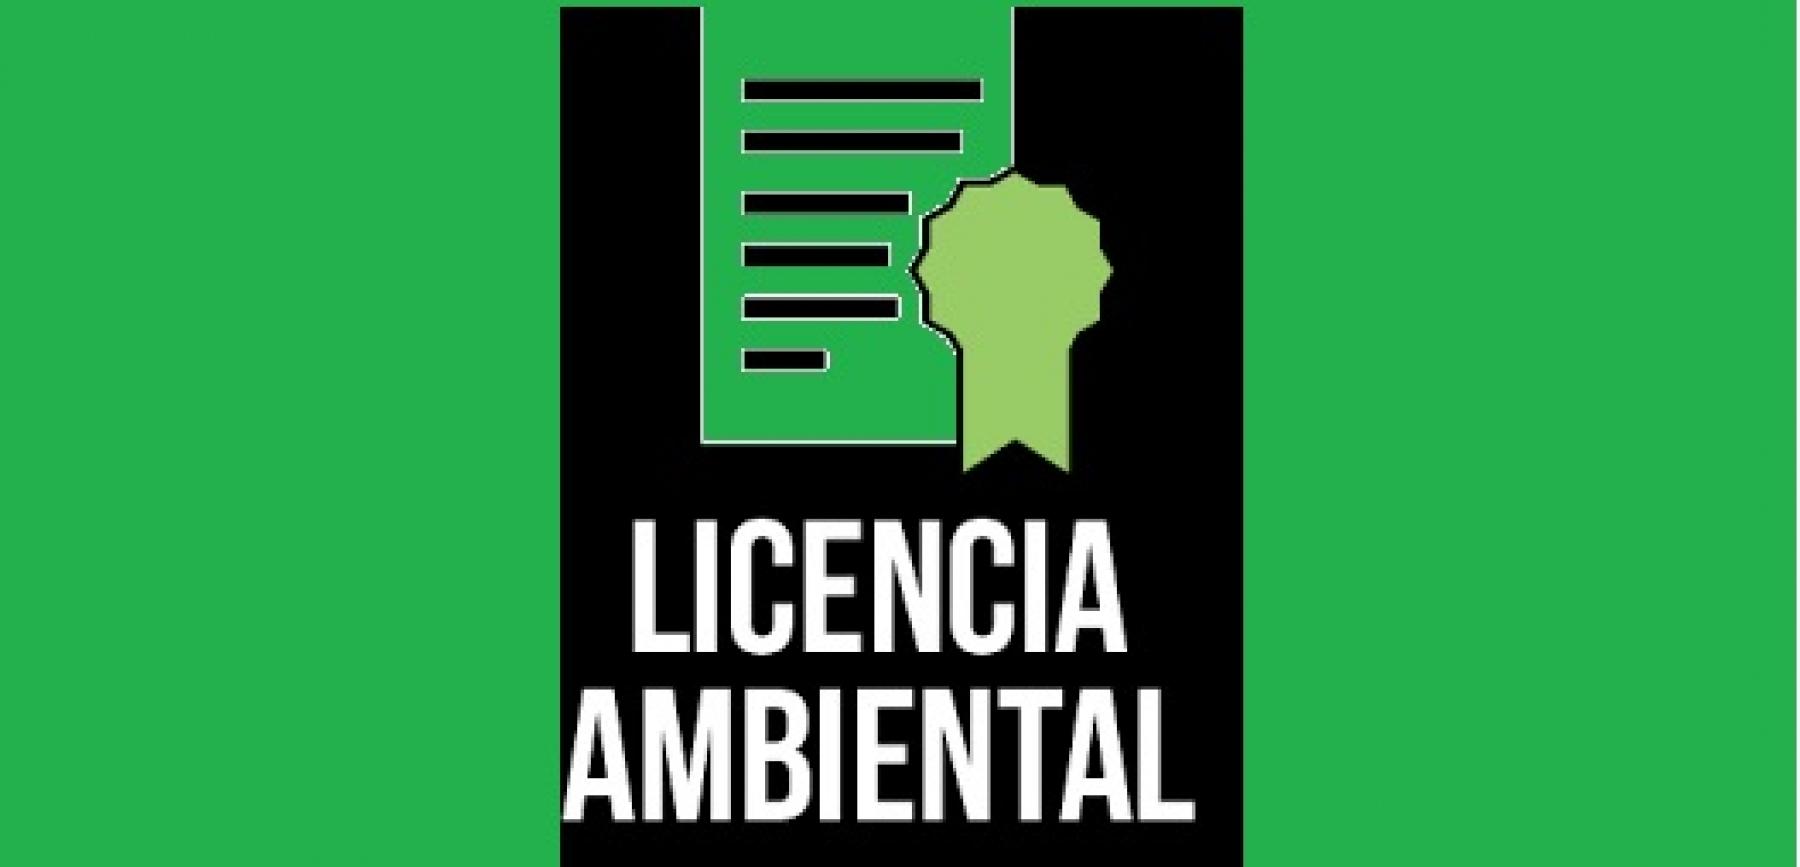 Obras por $3 mil millones de pesos estarían paralizadas por falta de Licencia Ambiental Noticias La Voz del Cinaruco